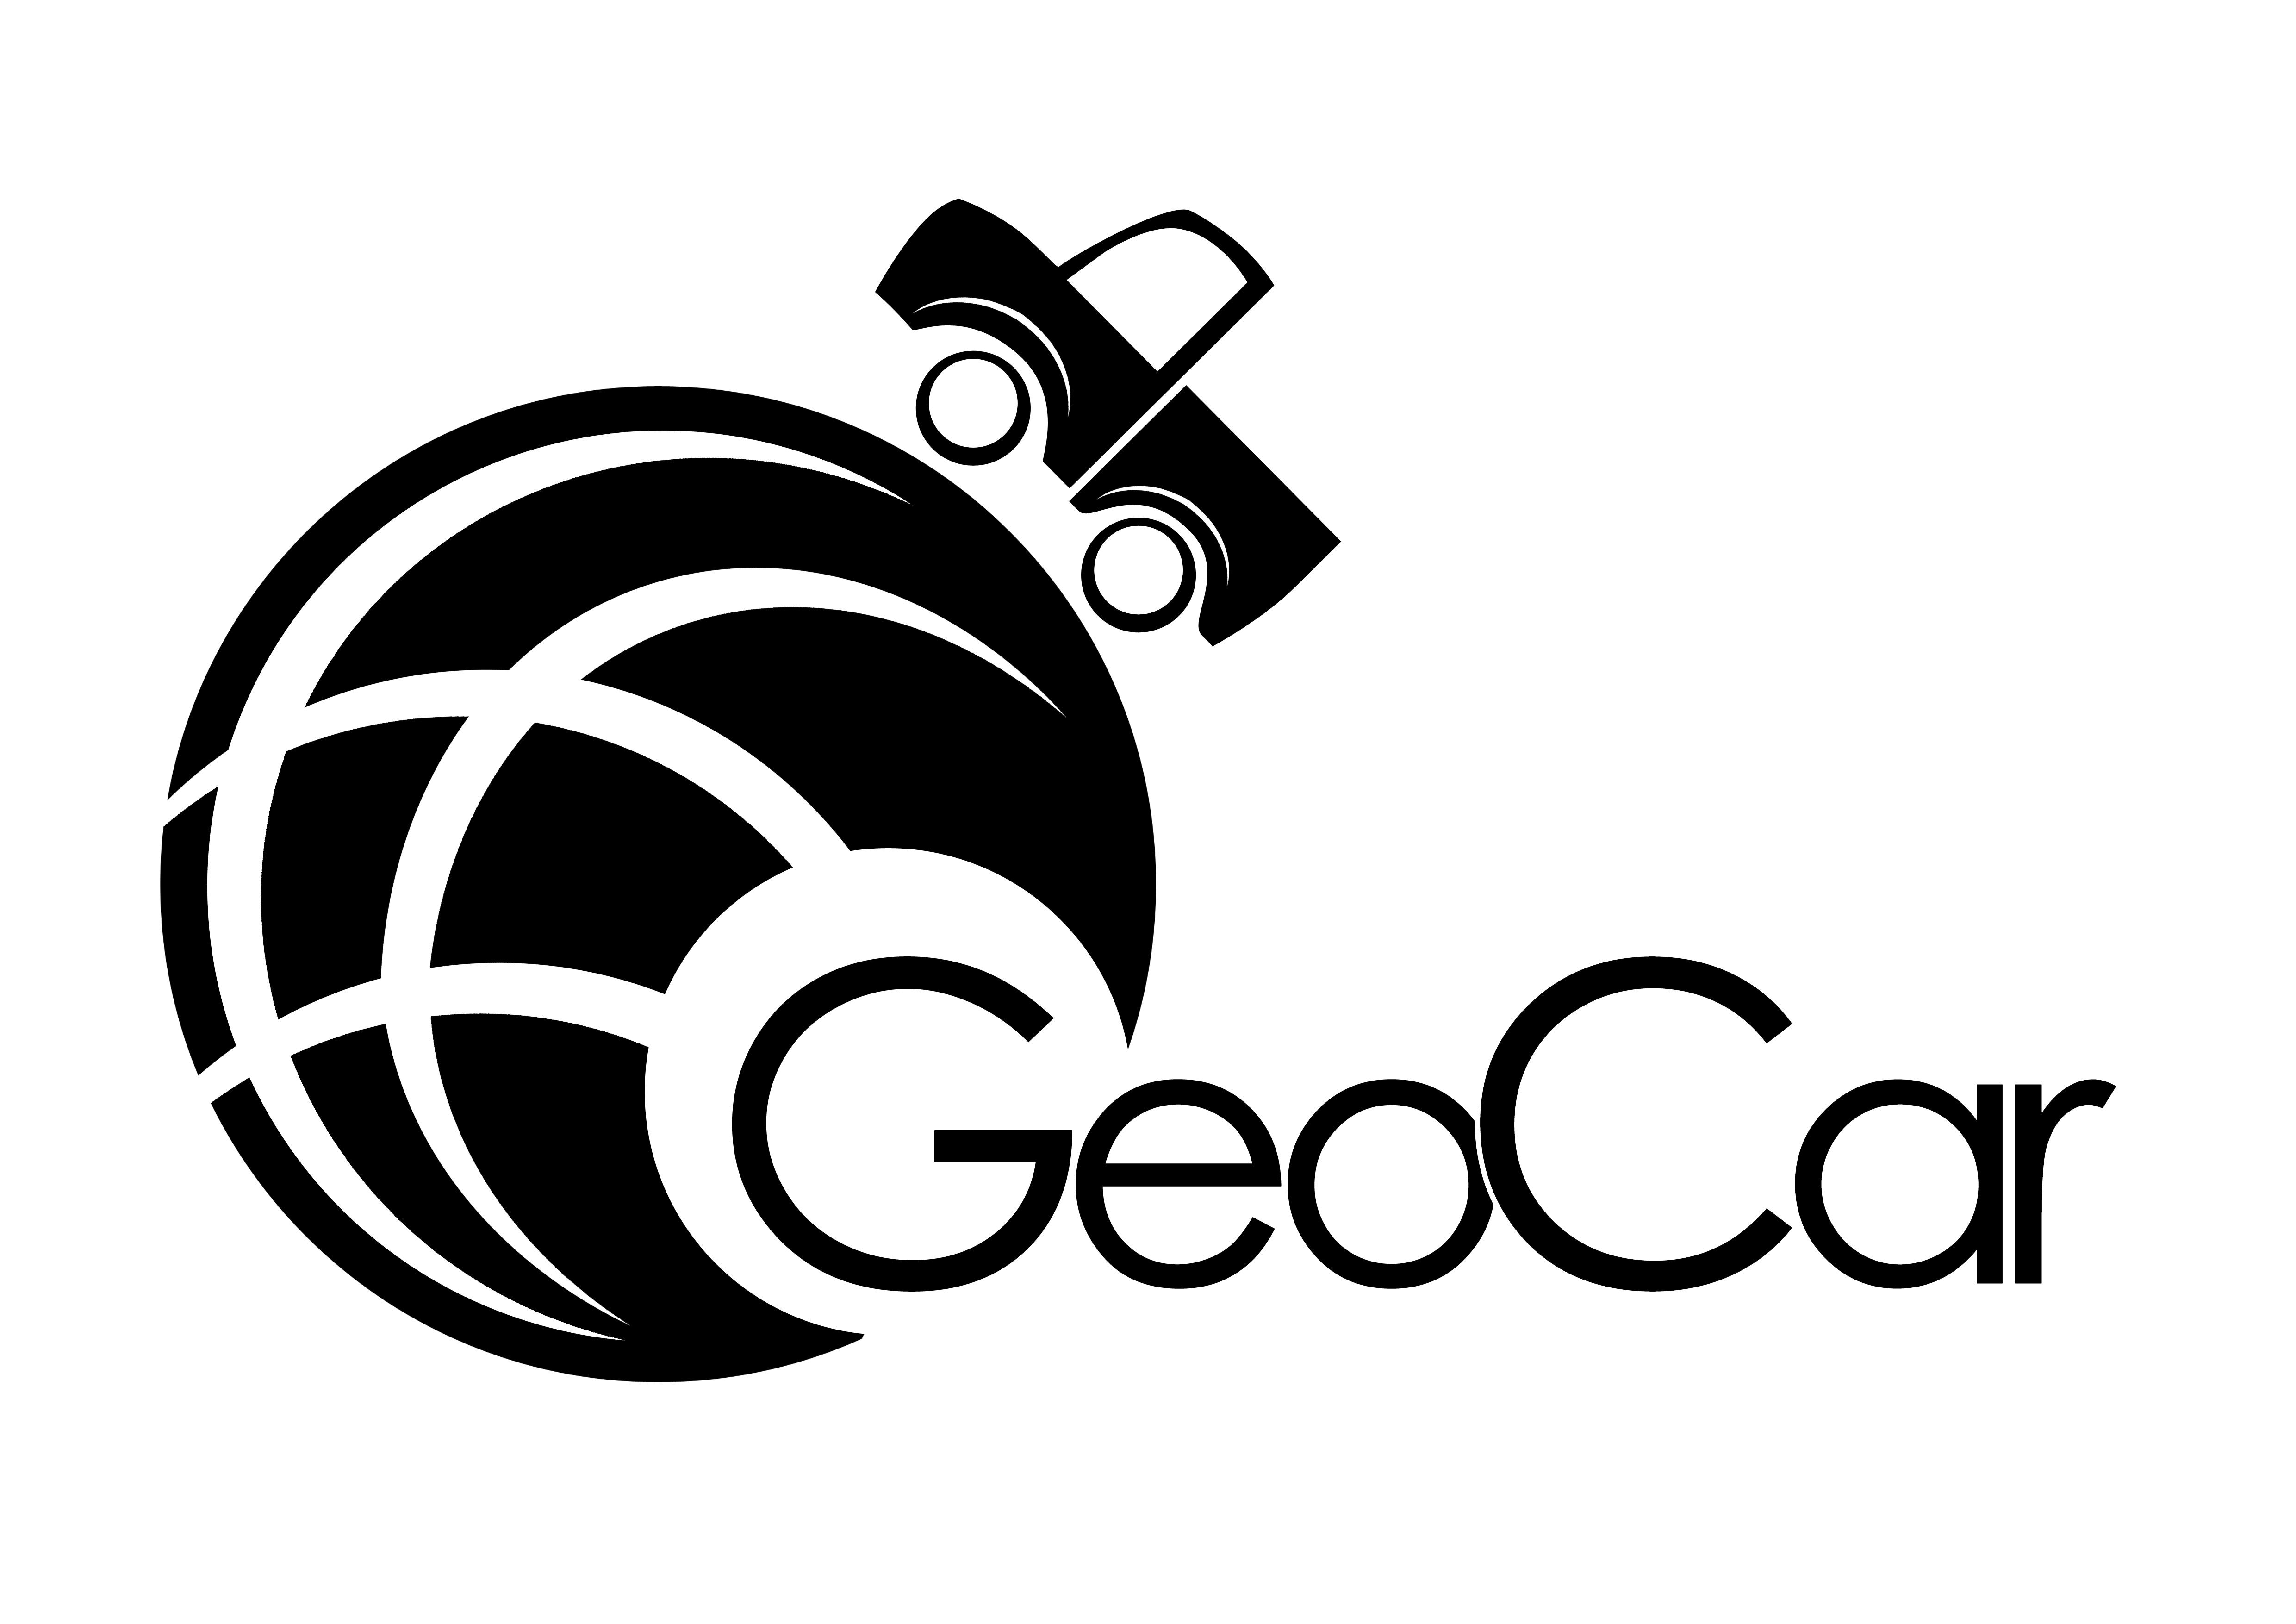 LOGO-GEOCAR